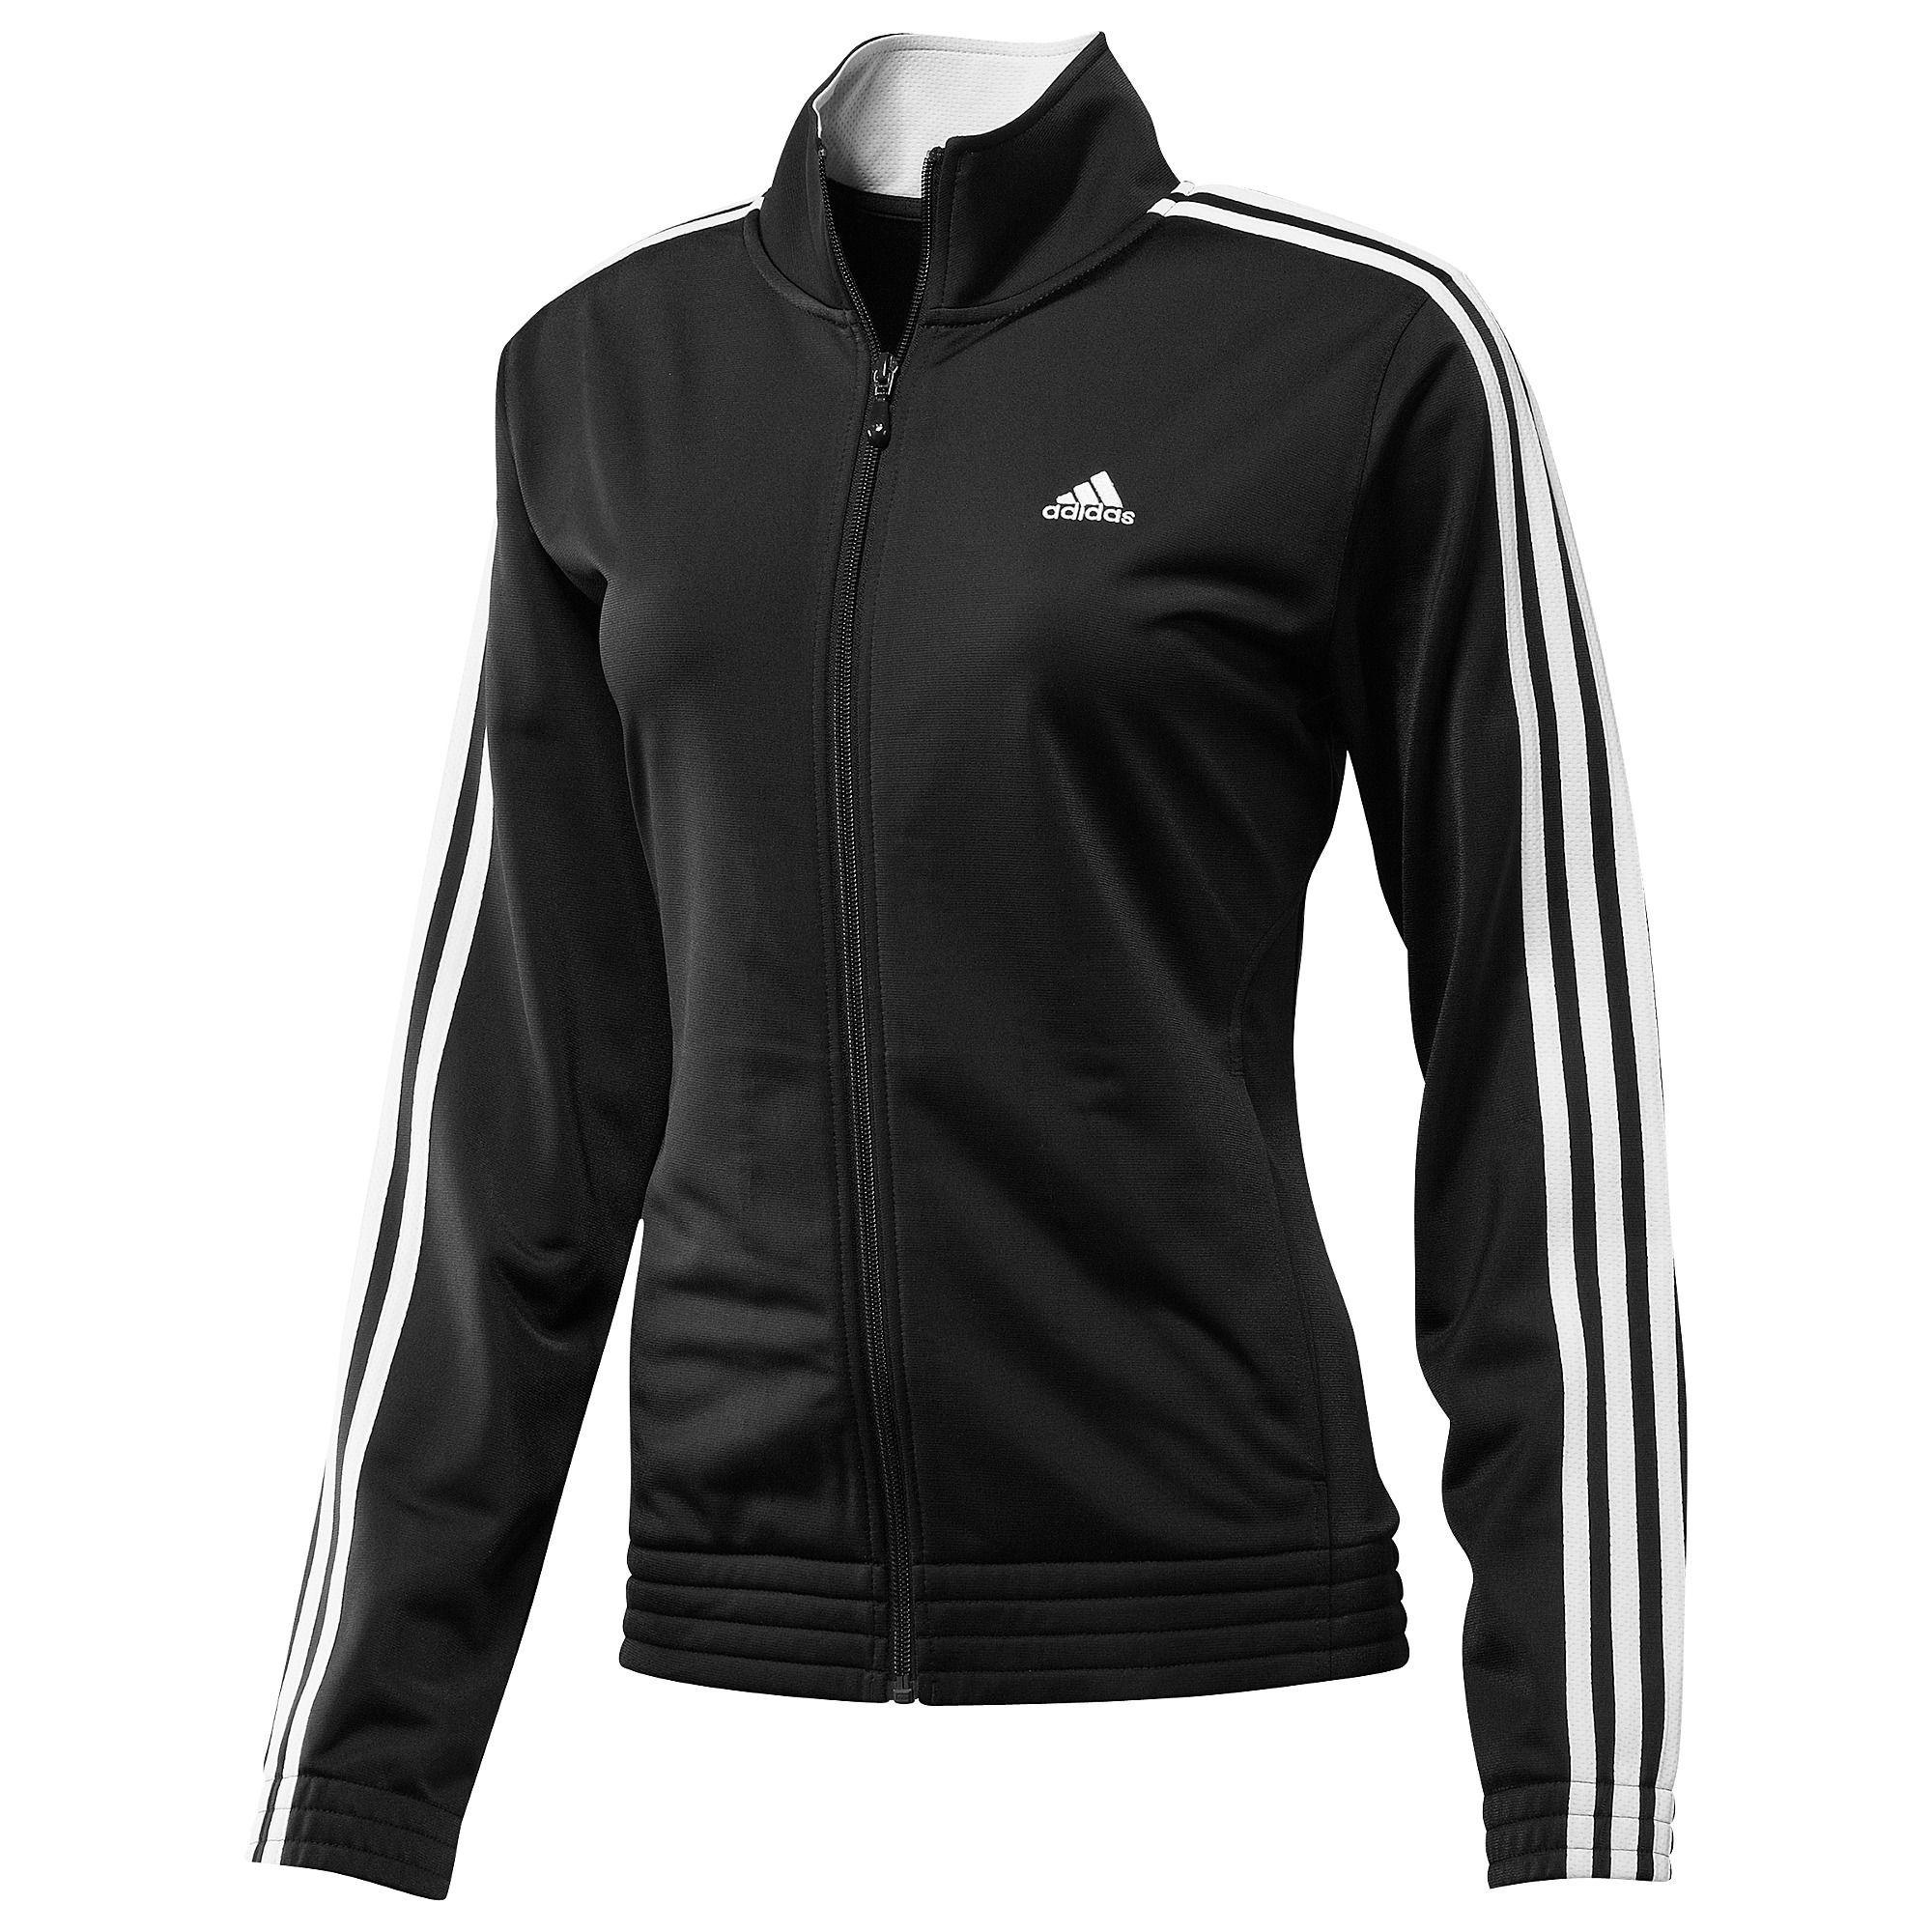 b1437845 adidas - 3-Stripes Jacket | Clothes in 2019 | Adidas, Adidas women ...